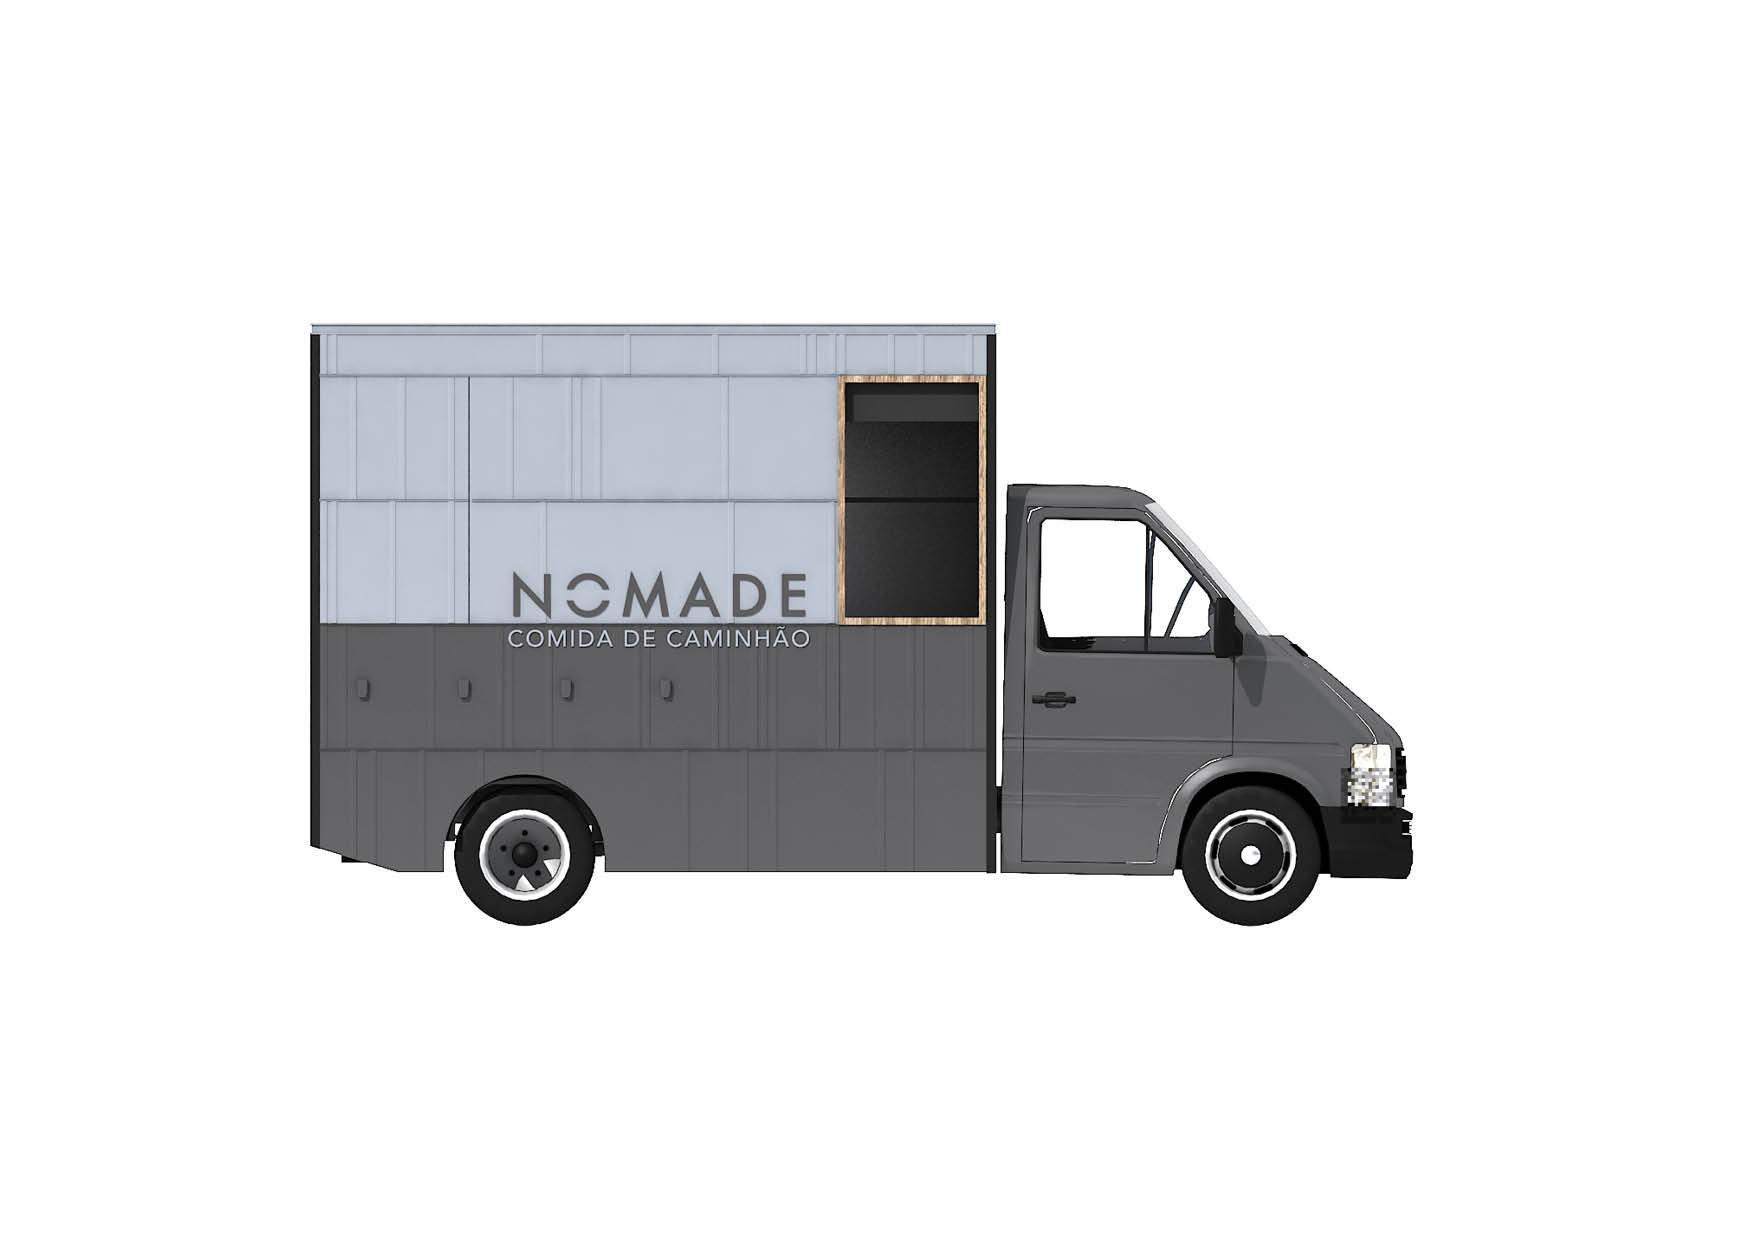 nomade_0117.jpg